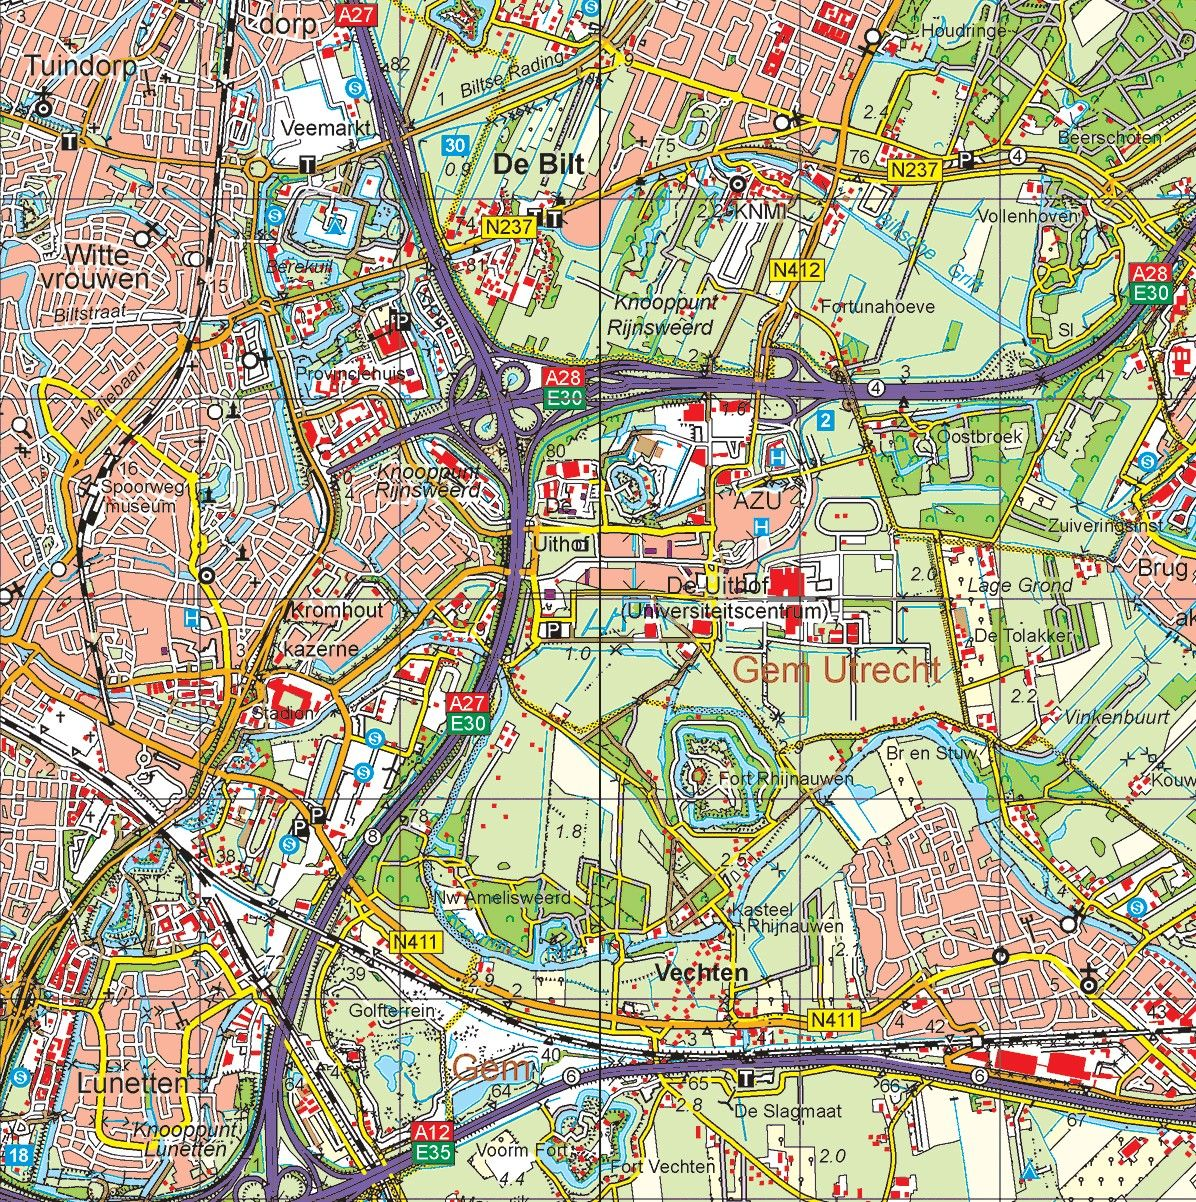 Provincie kaart Utrecht schaal 1:50.000